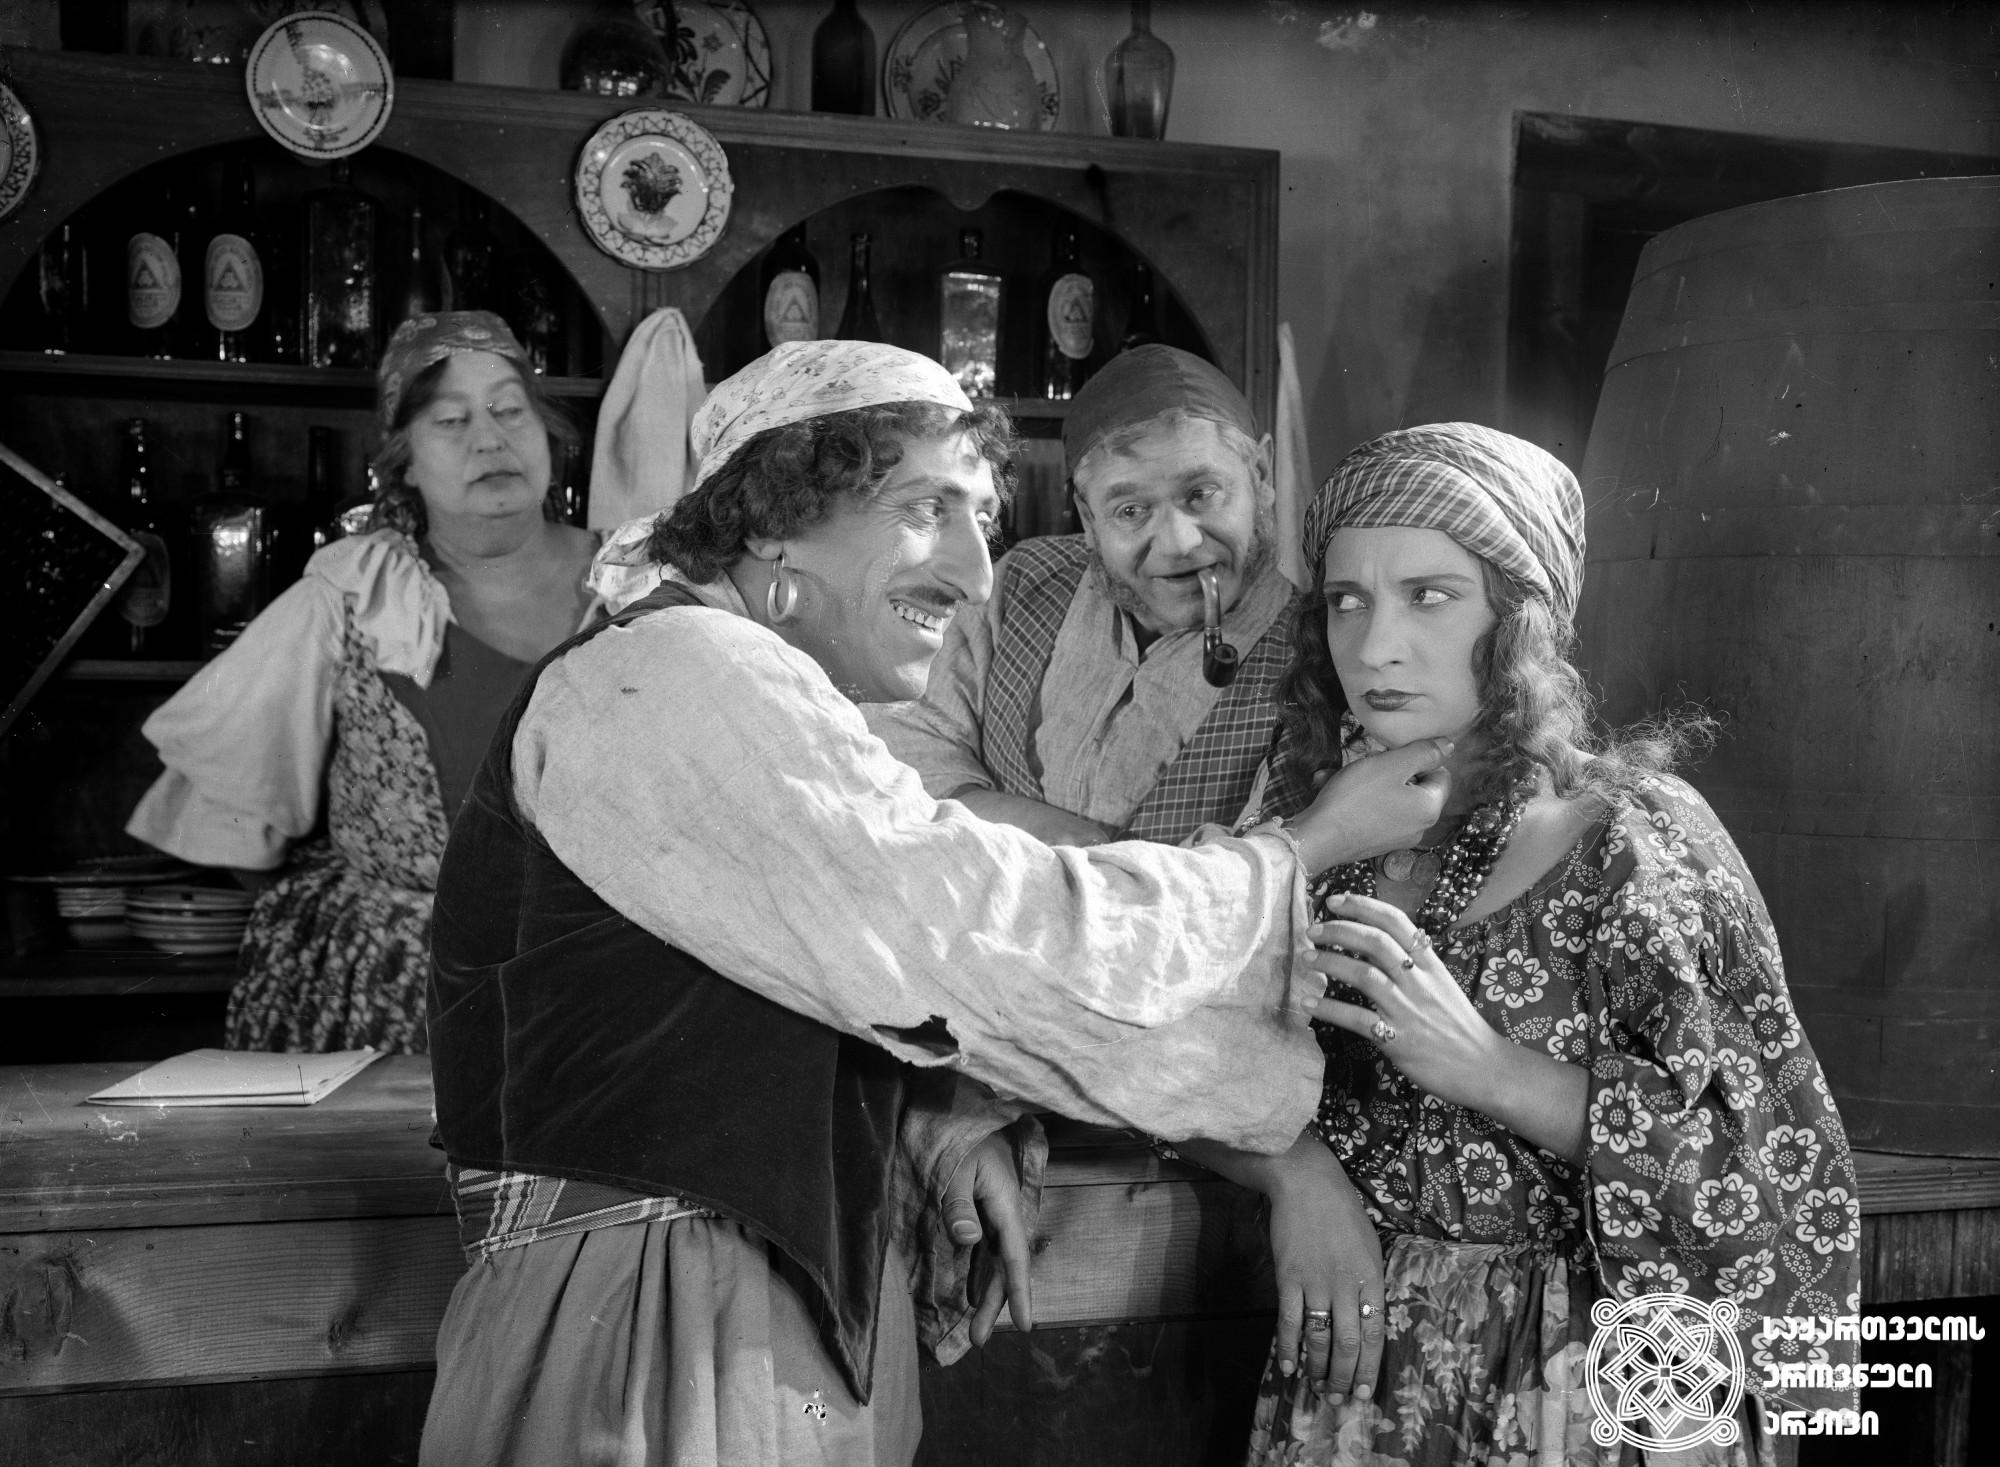 """""""ბოშური სისხლი"""". 1928. რეჟისორი: ლევ პუში. <br> სცენარის ავტორები: პეტრე მორსკოი, ალექსანდრე თაყაიშვილი, მიხეილ კალატოზიშვილი. ოპერატორები: ალექსანდრე გალპერინი, მიხეილ კალატოზიშვილი მხატვარი: მიხეილ შავიშვილი. <br>  ფილმი გადაღებულია კონსტანტინე ბერკოვიჩის ამავე სახელწოდების მოთხრობის მიხედვით. <br> ფოტოზე: ცენტრში ალექსანდრე თაყაიშვილი. <br>  Boshuri Siskhli (Gypsy Blood). 1928. <br>  Director: Lev Push. <br> Screenwriter: Petre Morskoy, Aleksandre Takaishvili, Mikheil Kaltozishvili. Camera operator: Alexander Galperin, Mikheil Kalatozishvili. Production designer: Mikheil Shavishvili. <br>  Film is shot  according to Konstantin Berkovich's story of the same name. <br>  On the photo: in the middle Aleksandre Takaishvili."""